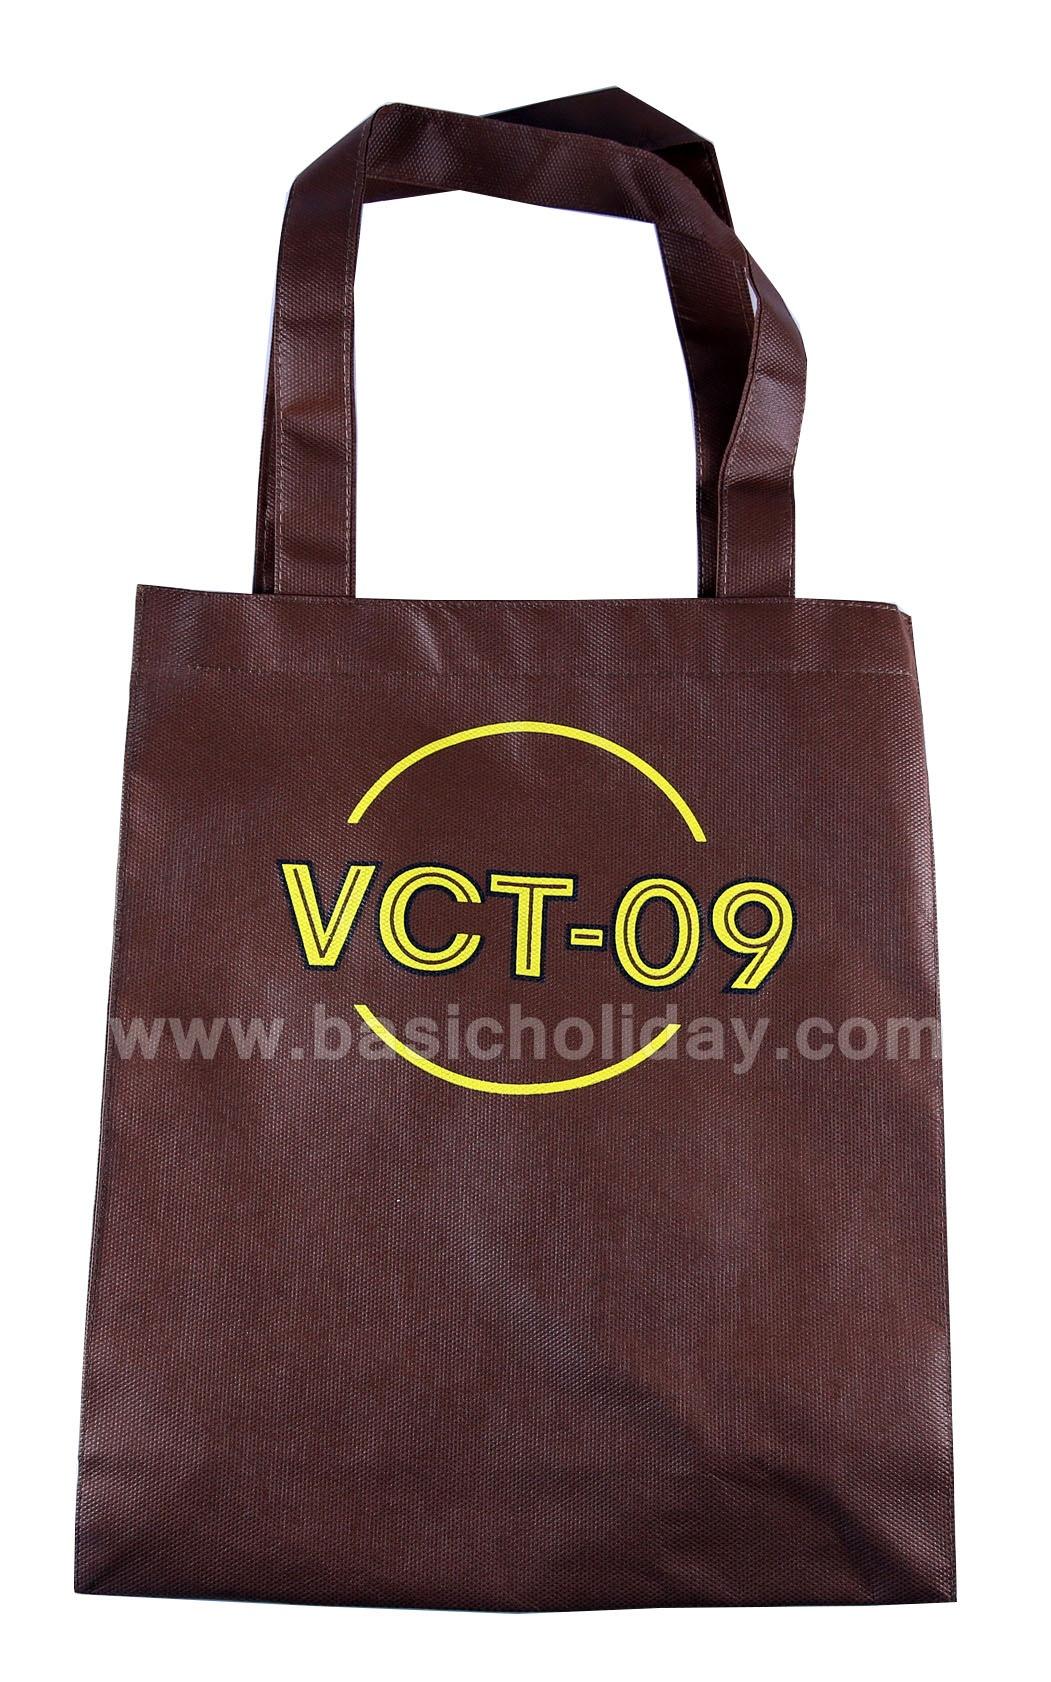 ถุงผ้าสปันบอนด์ ราคาถูก กระเป๋าผ้า Spunbond Bag พร้อมสกรีนโลโก้ ถุงพรีเมี่ยม ถุงผ้าพิมพ์แบรนด์